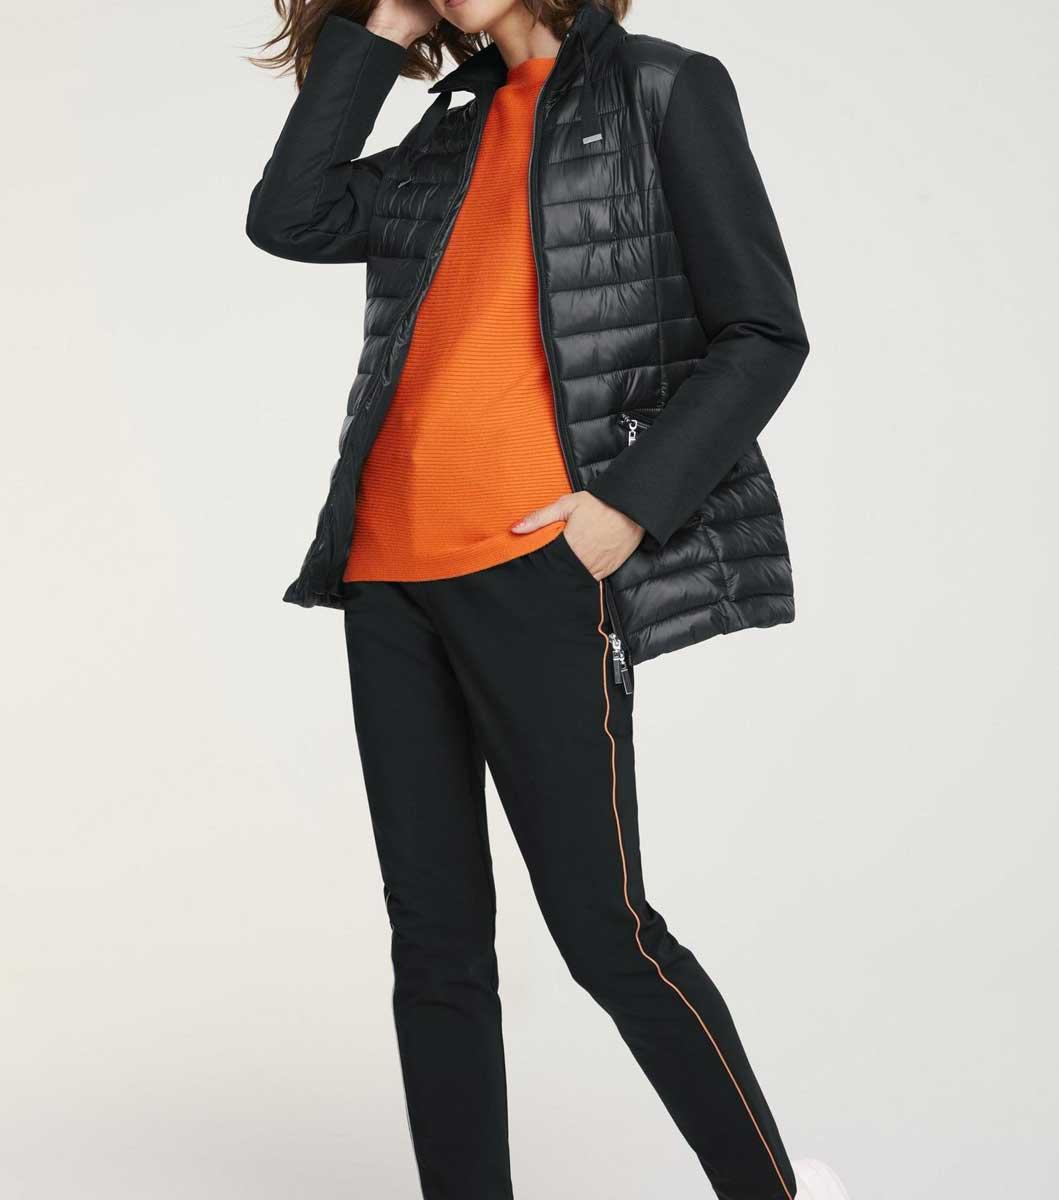 jacken auf rechnung bestellen als neukunde HEINE Damen Designer-Steppjacke Stehkragen Schwarz Glänzend Wattiert Warm 367.429 MISSFORTY